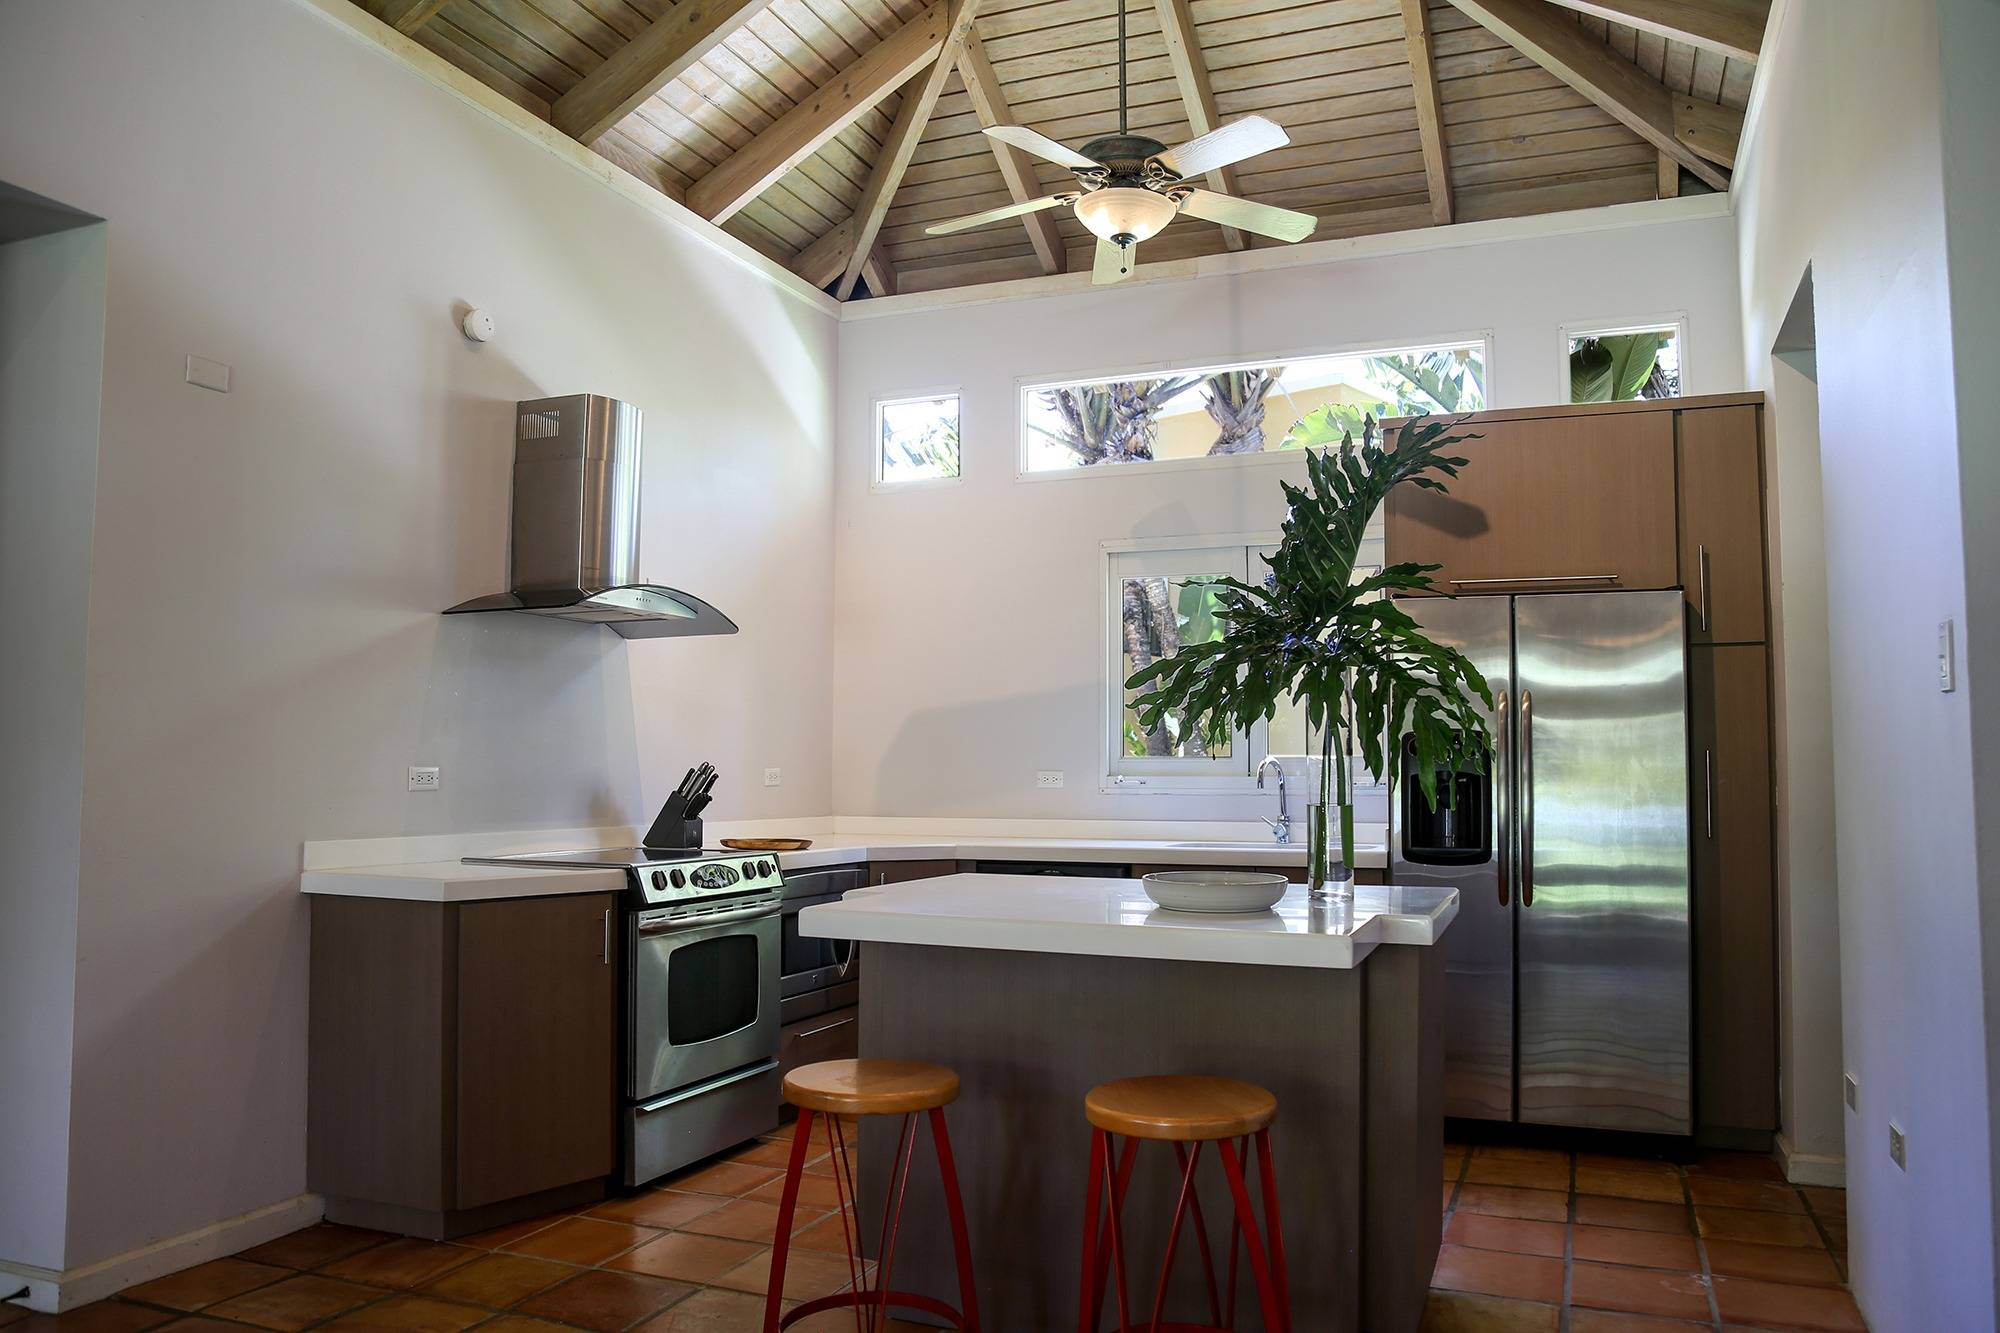 Hotel Villamontana Room Kitchen